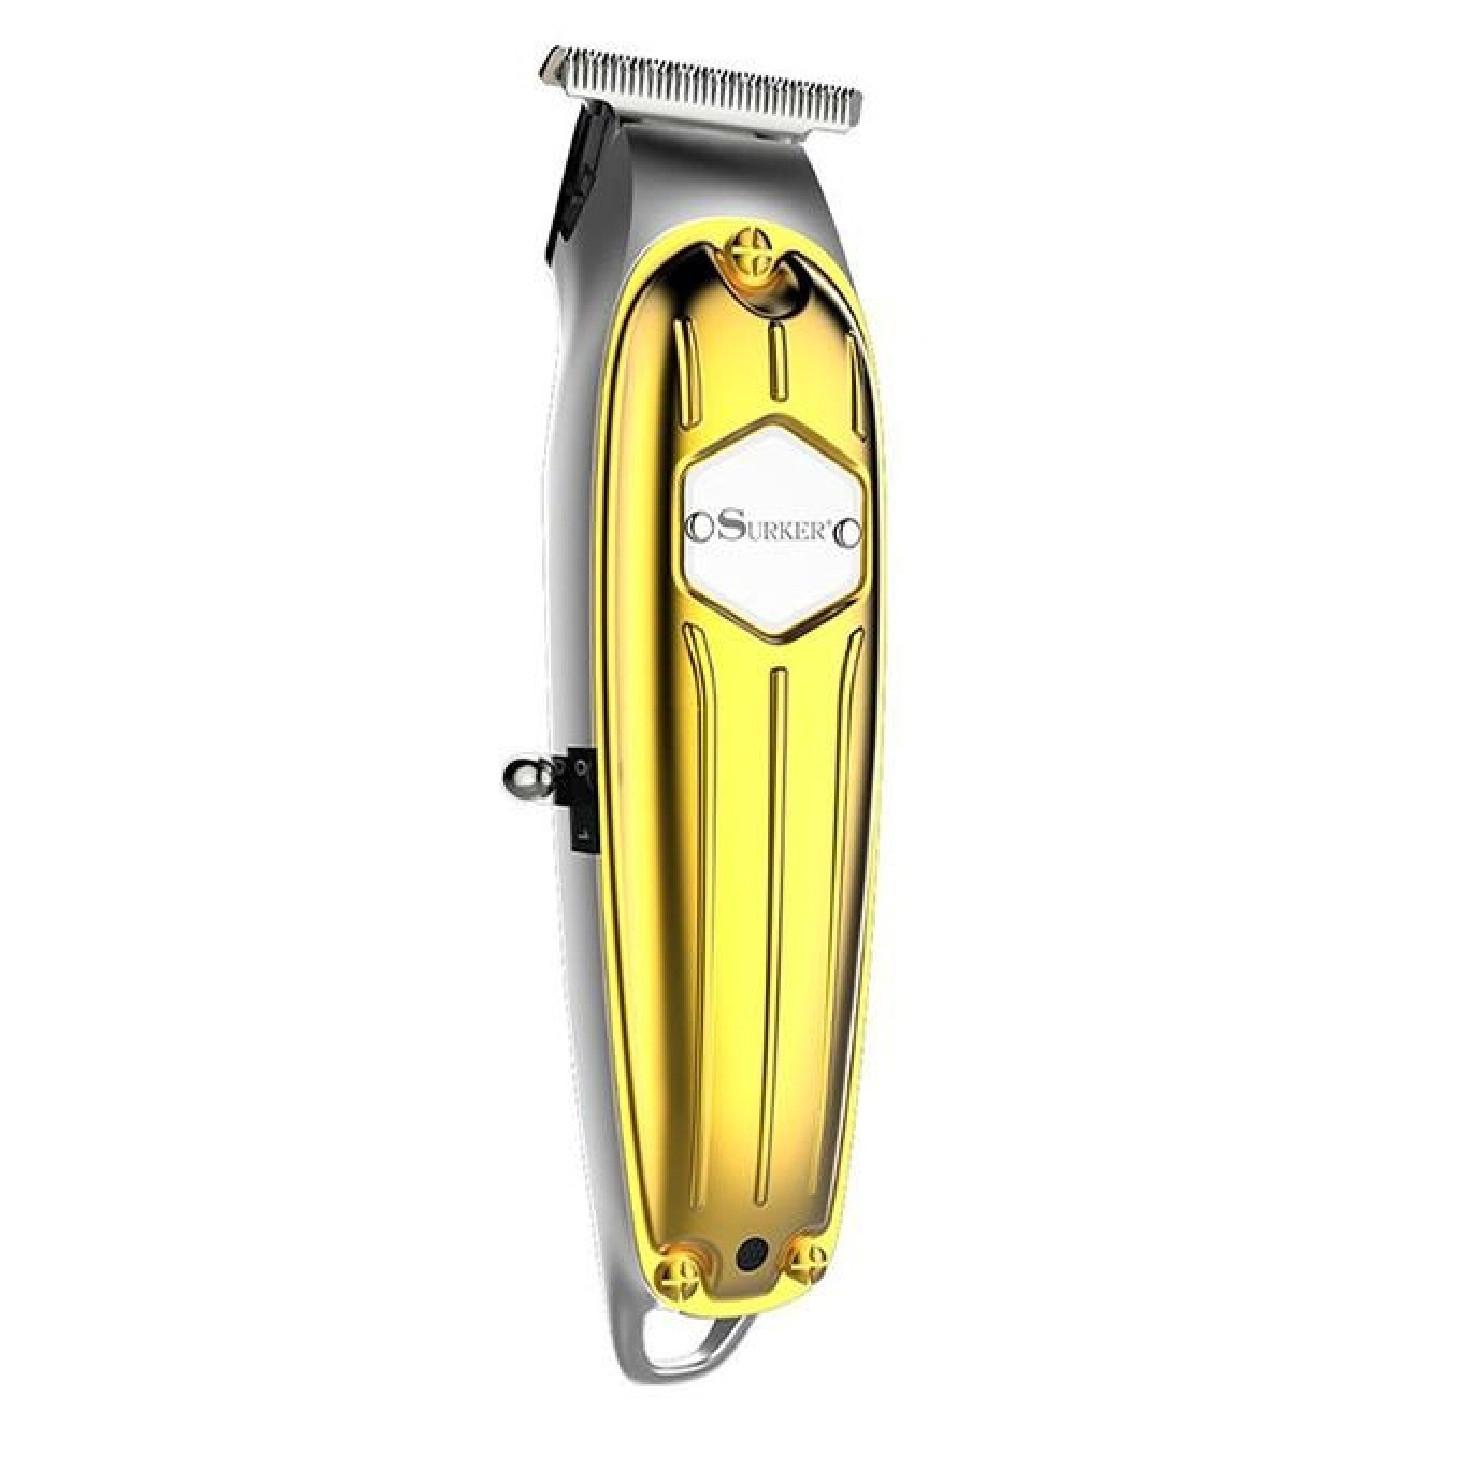 Tông đơ bấm viền cắt tóc chuyên nghiệp surker I5